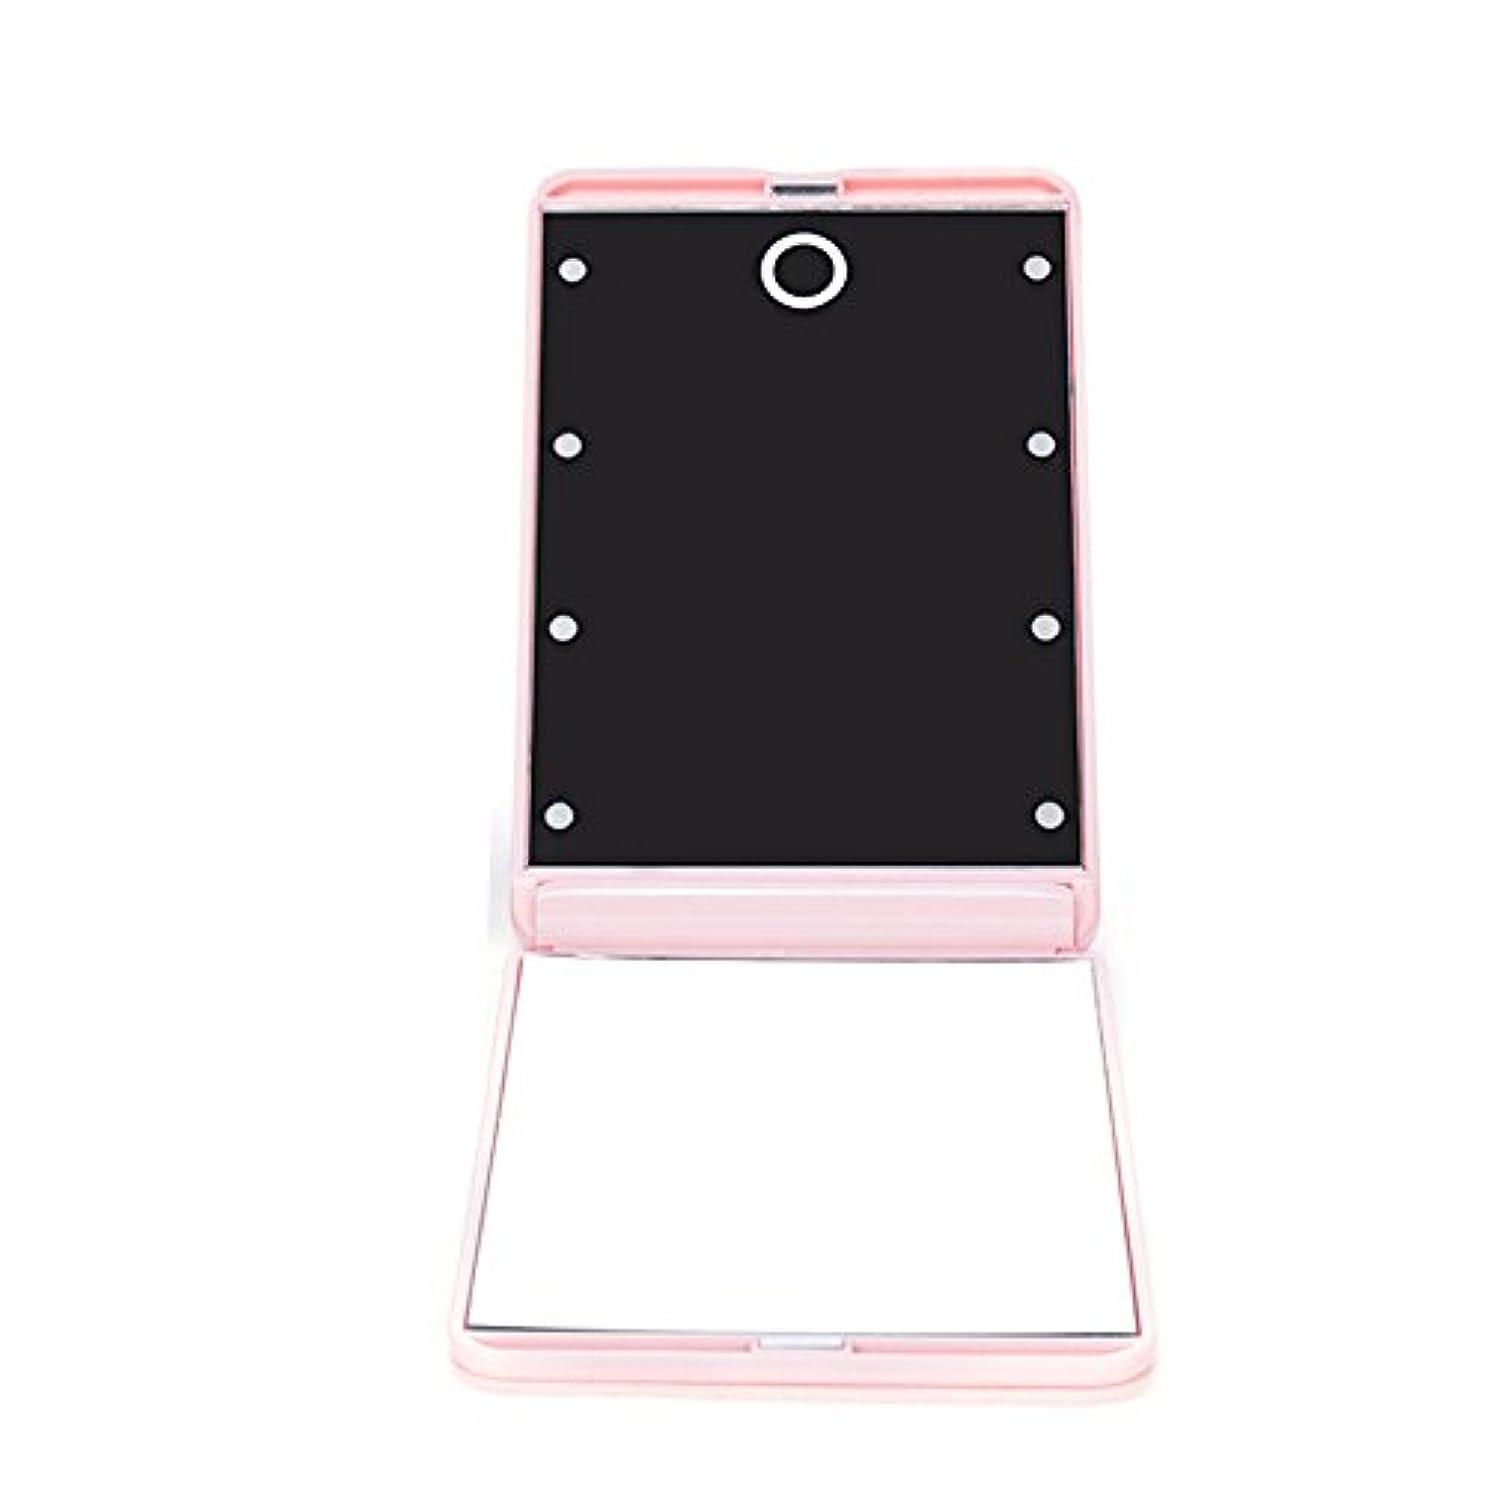 クラシカル居住者変わるledミラー 折りたたみ式 メイクミラー LEDライト 角度/明るさ調整 コンパクト 化粧鏡 二面鏡 ミラー 2倍拡大鏡付 8灯手鏡 ピンク